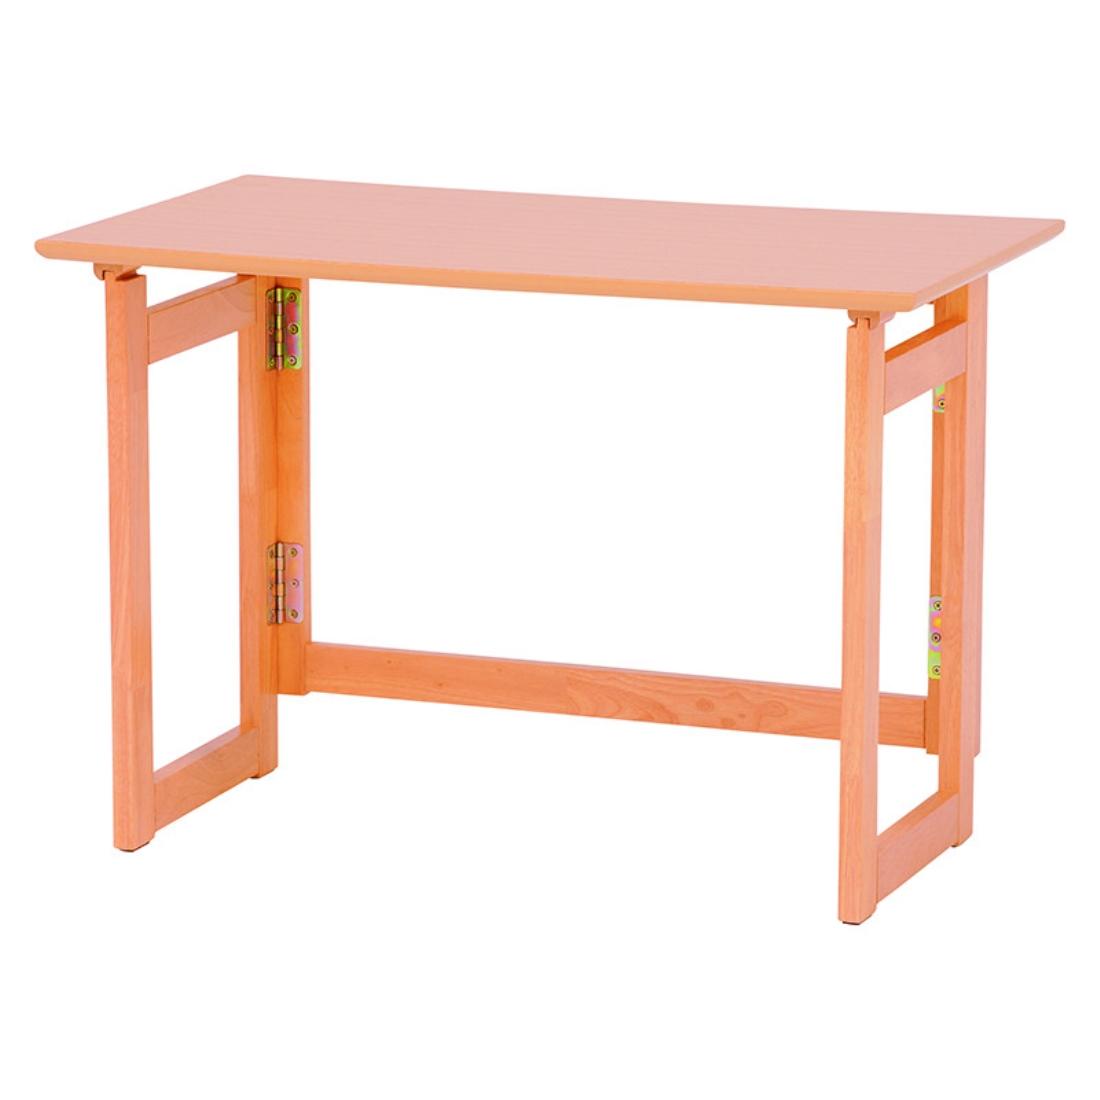 送料無料 オシャレ 家具 木製 折りたたみ デスク 折り畳み 机 折畳 テーブル